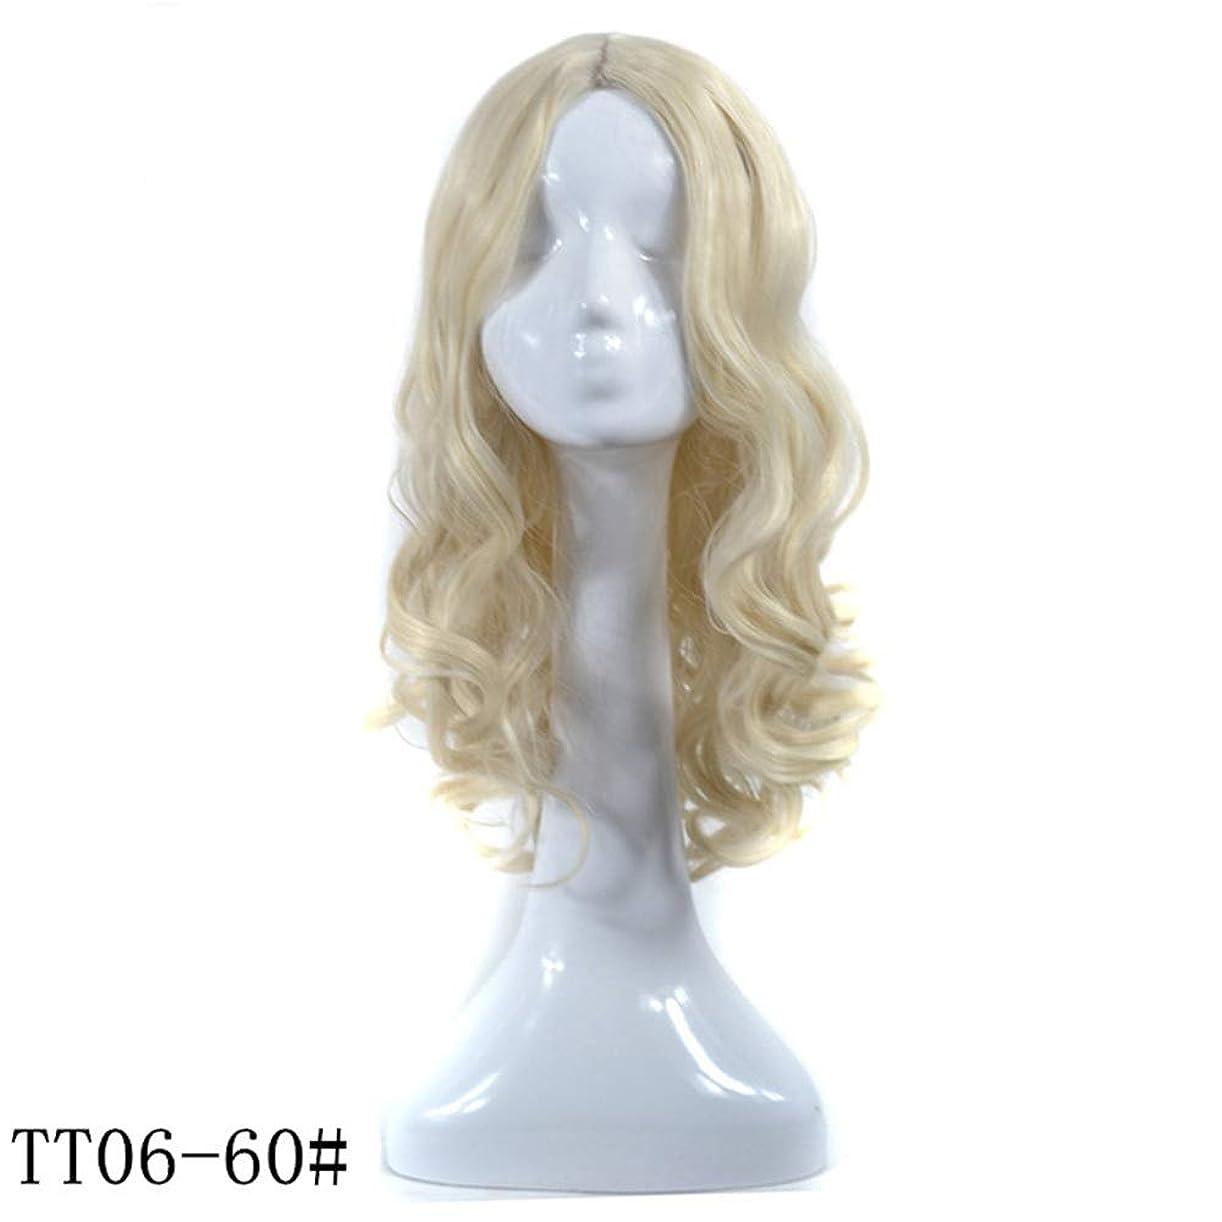 植物学剪断役職BOBIDYEE 女性の長い巻き毛の波状の高品質耐熱ベージュ人工毛ウィッグパーティーウィッグ (色 : ベージュ, サイズ : 60cm)